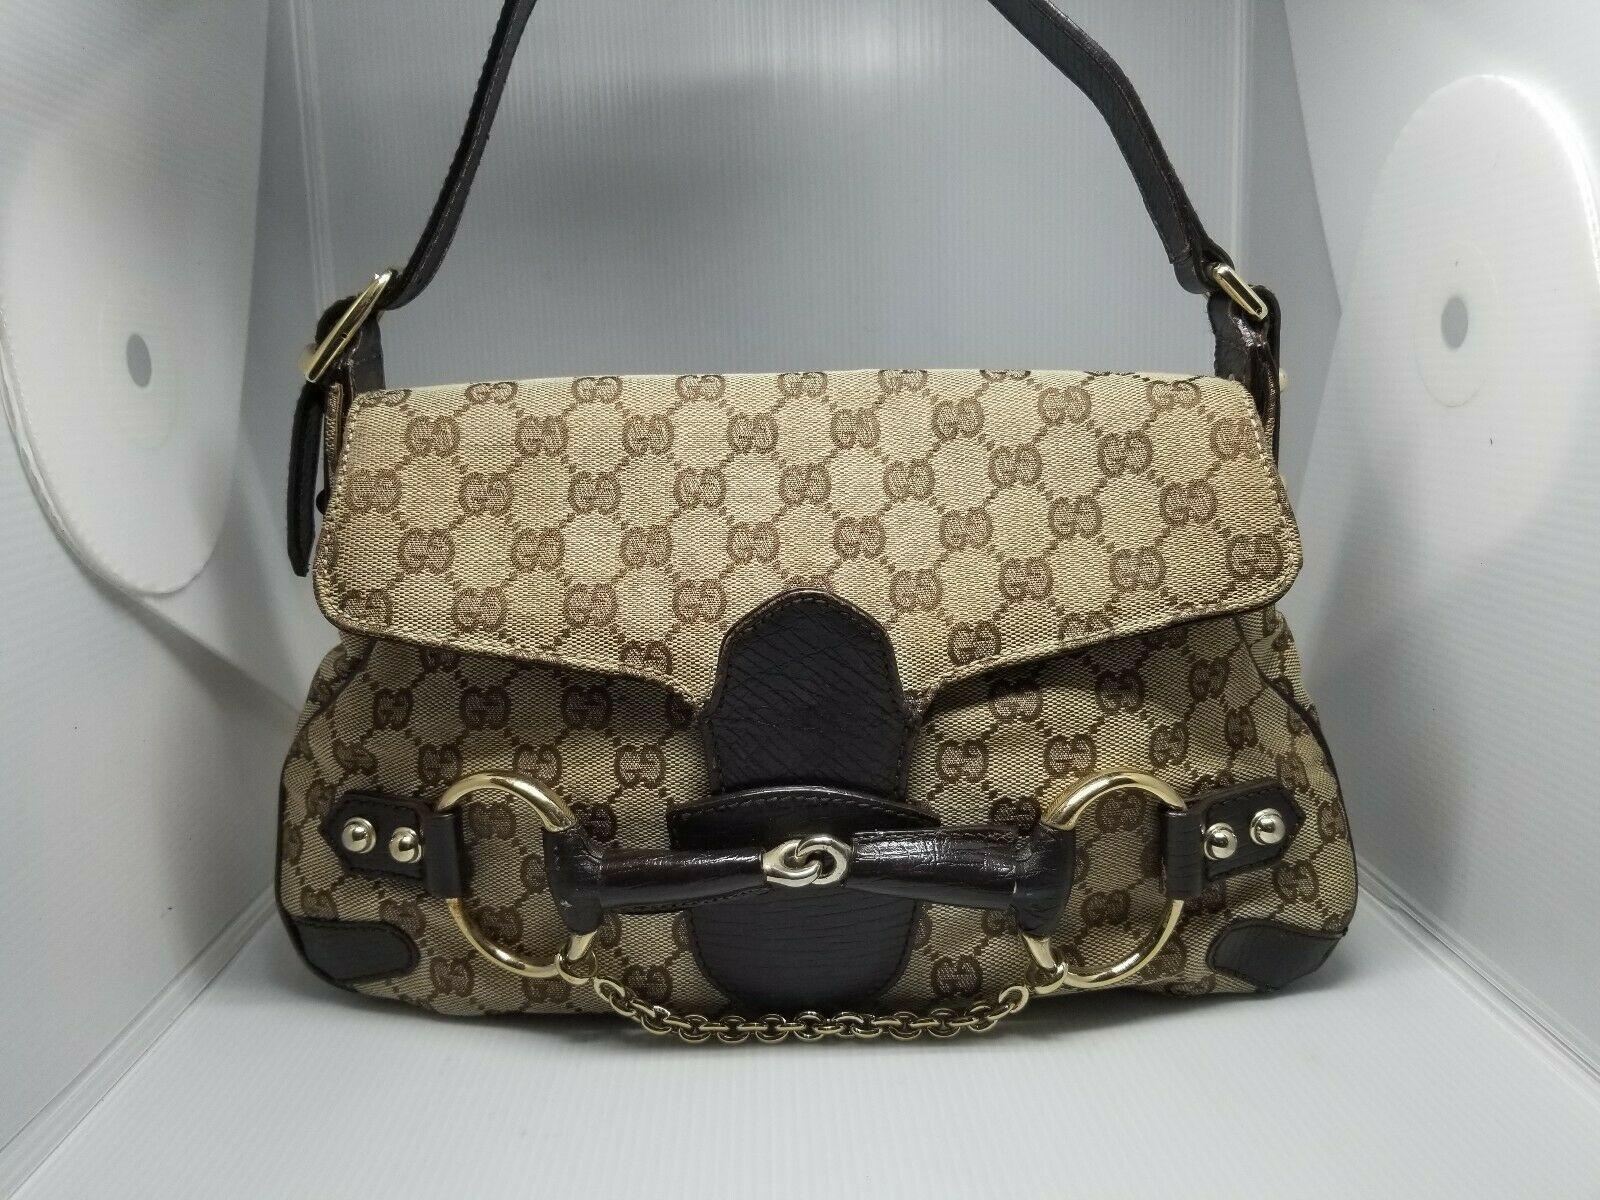 eb52c26dc18  FORSALE Authentic GUCCI Monogram Horsebit Chain Flap Brown Shoulder Bag  114915 204990 -  125